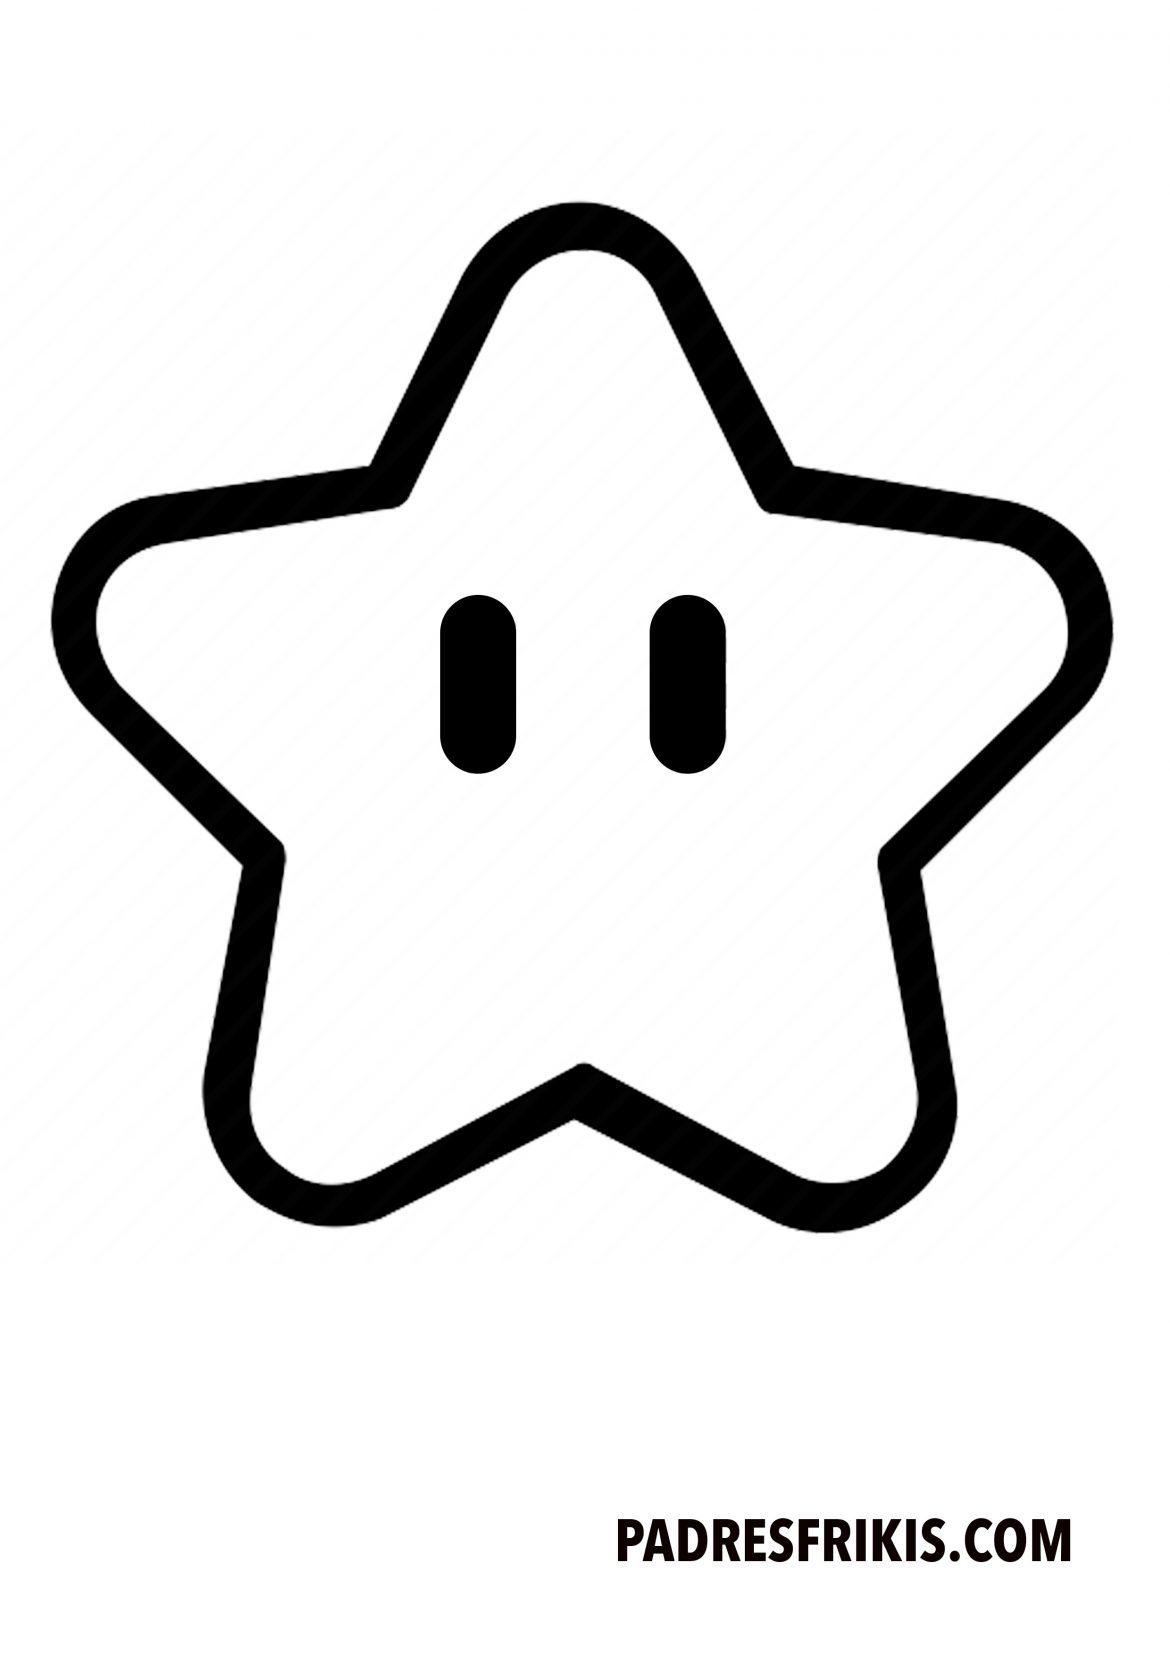 Plantillas de estrellas para imprimir, masquelibros